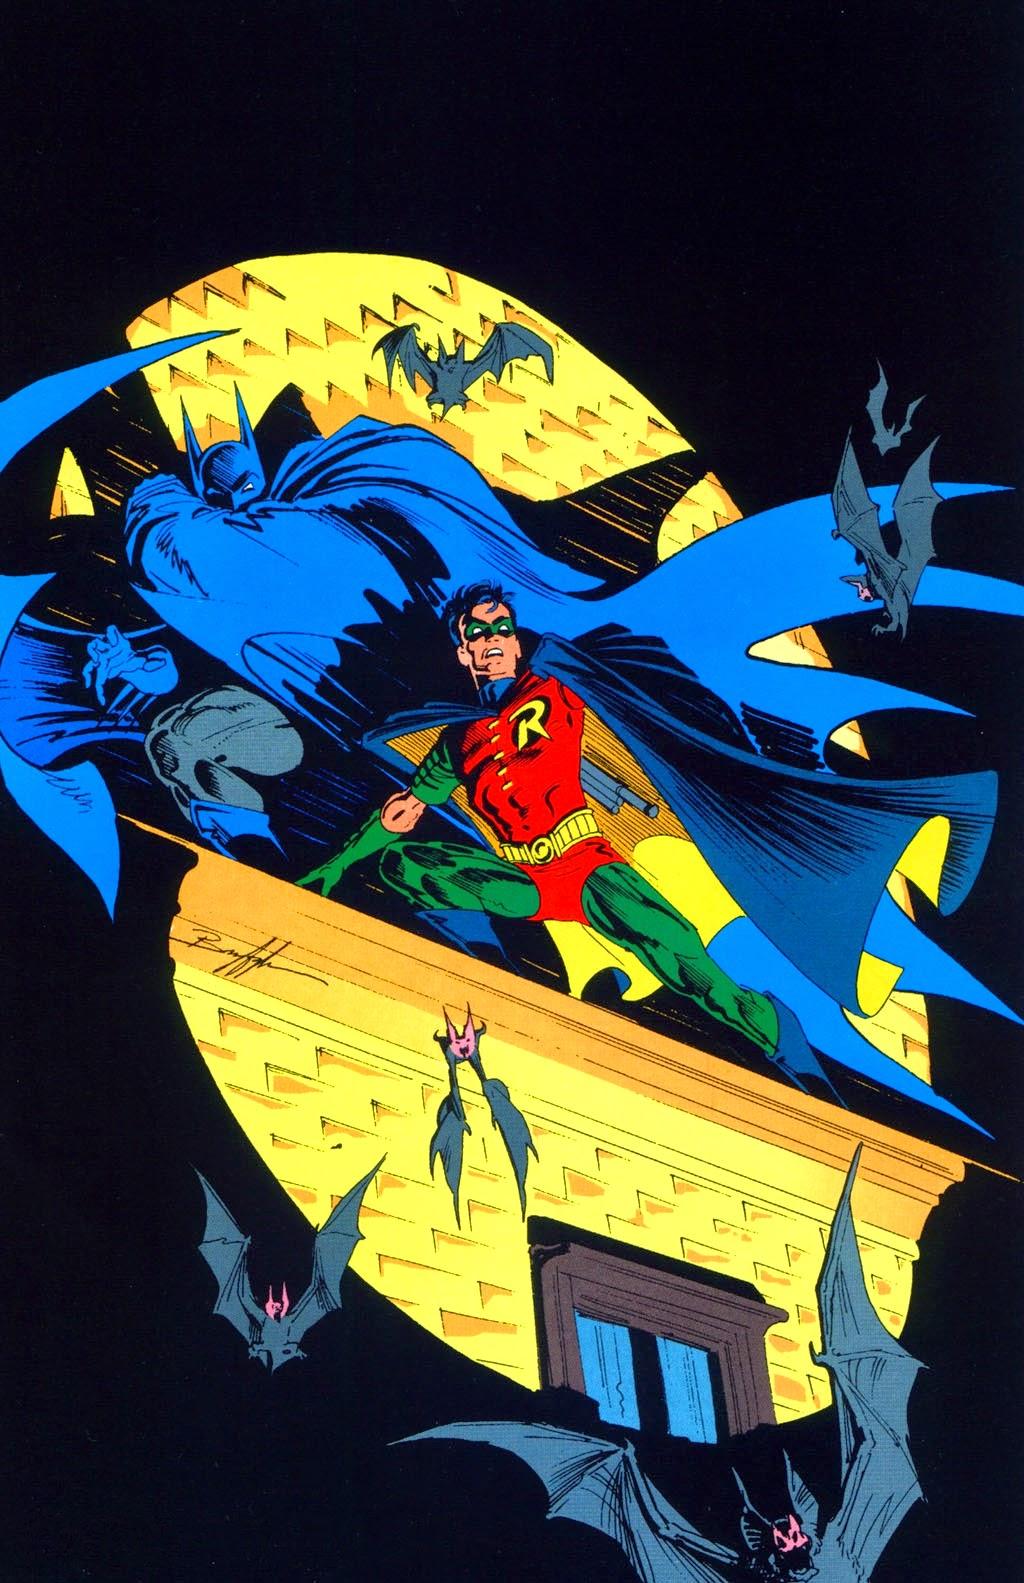 Batman vol. 1 #457